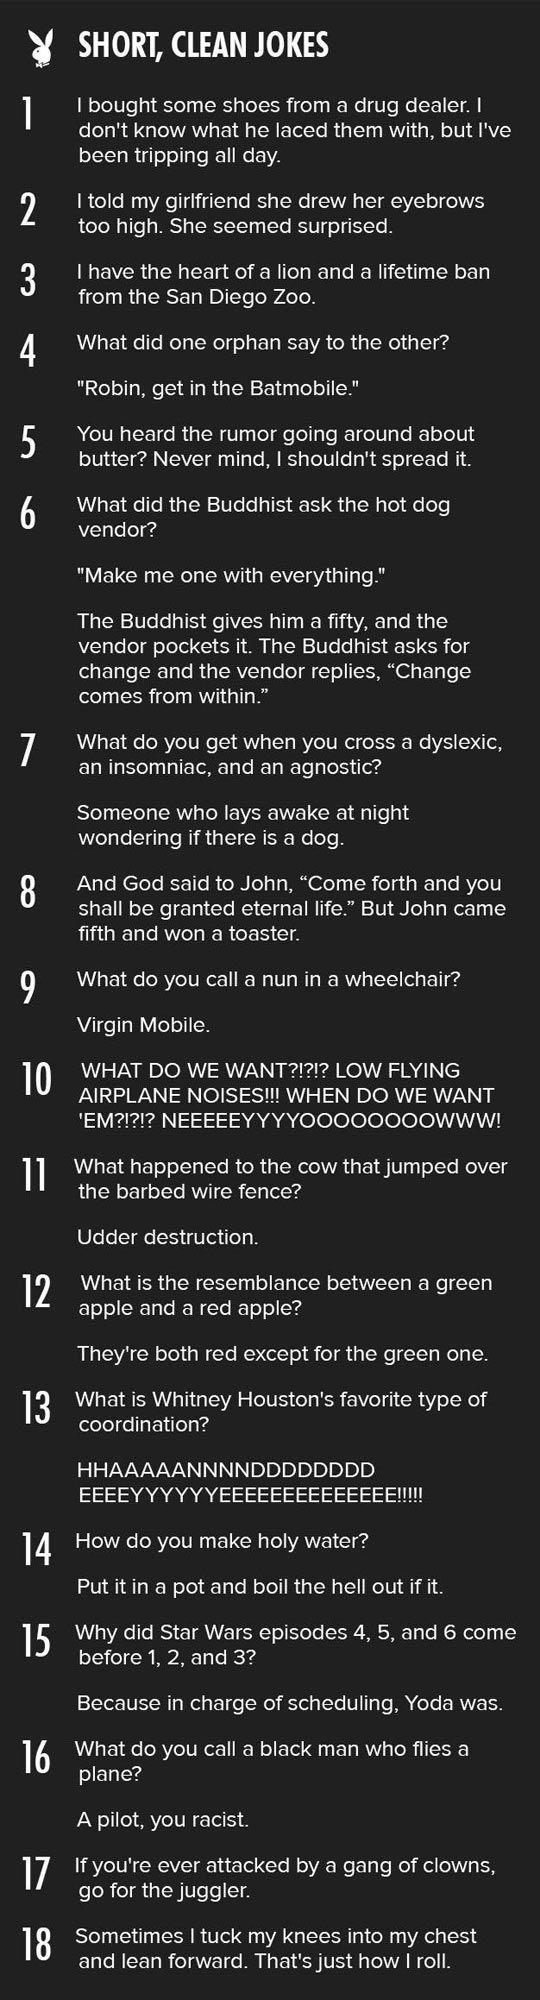 The Best Short Jokes: